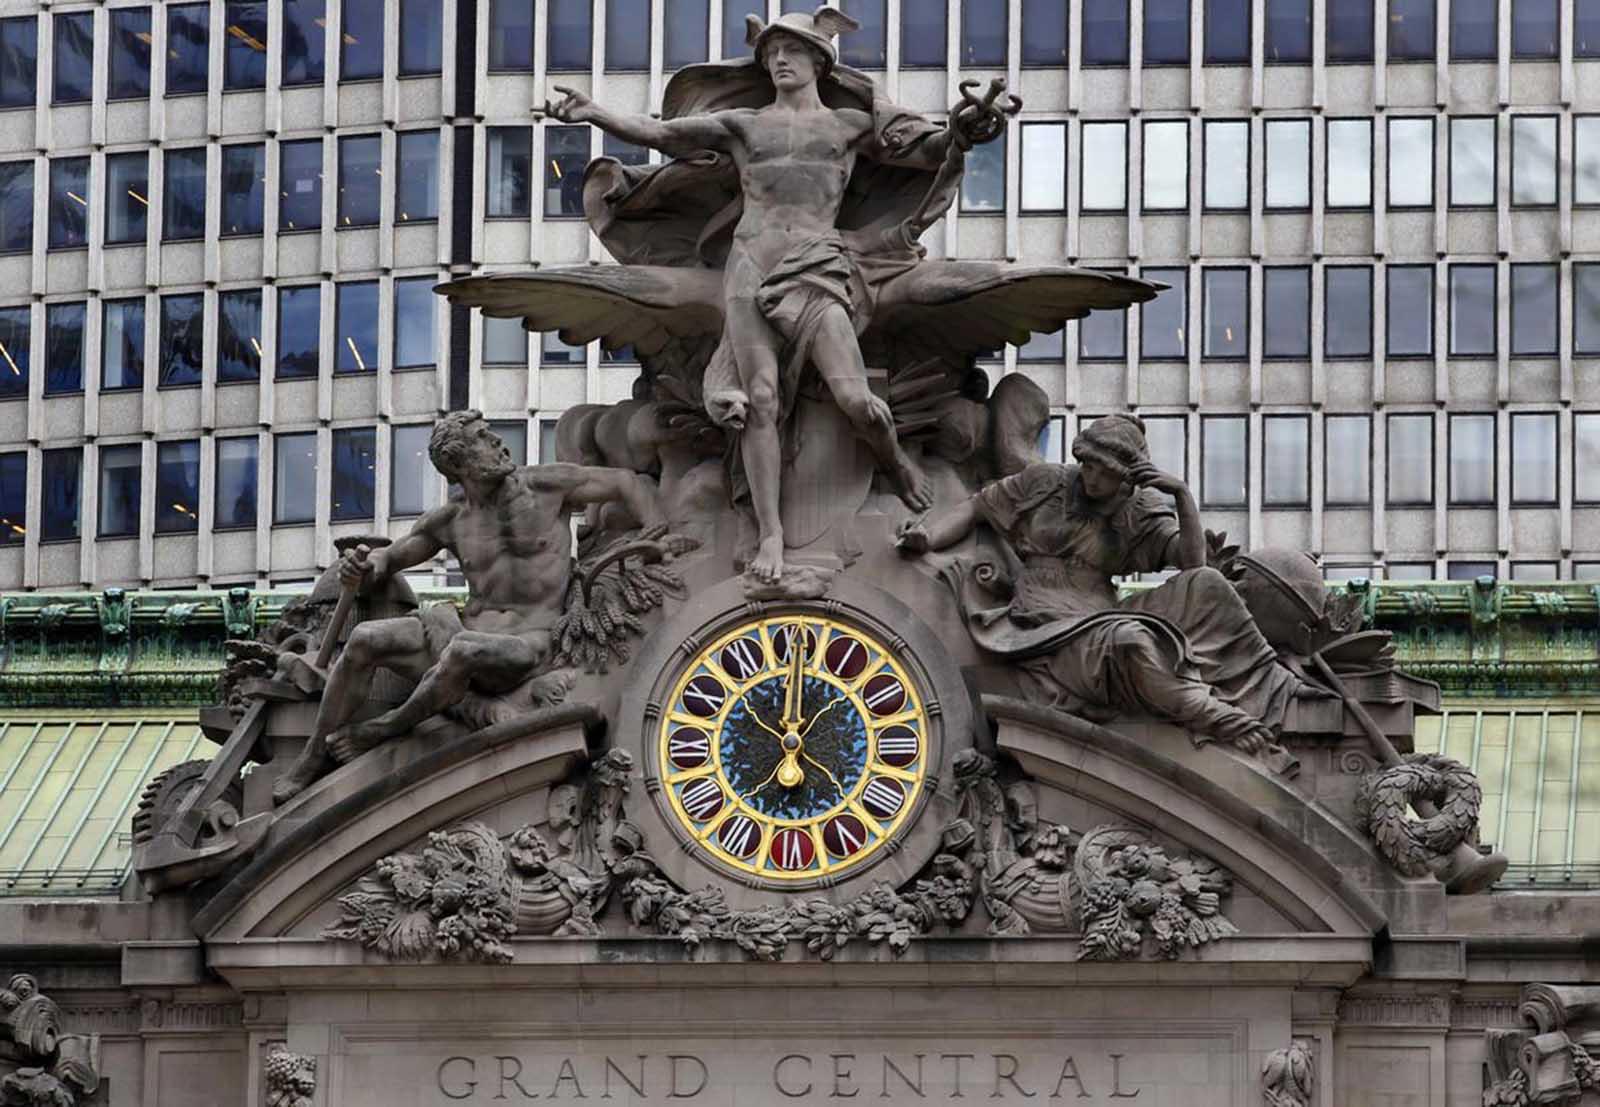 El 29 de marzo de 2012, el reloj en el lado sur de la Terminal Grand Central de Nueva York son las mediodía.